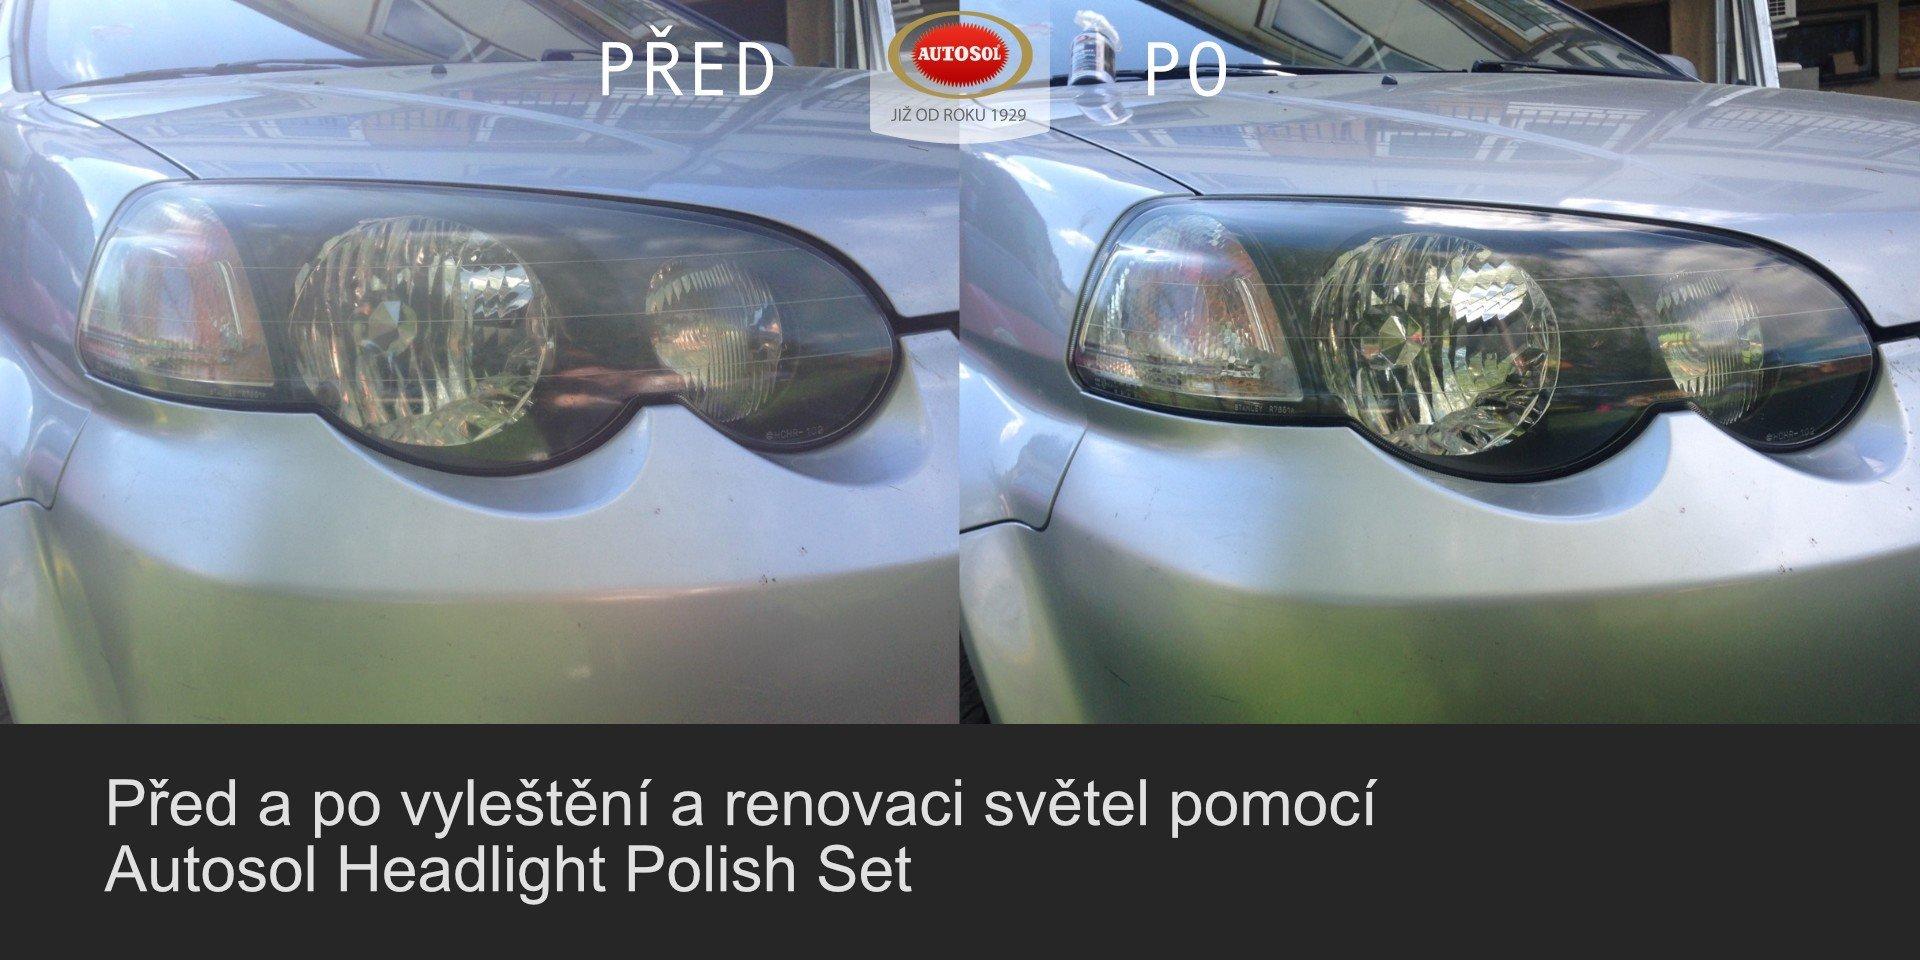 240-Autokosmetika-Autosol-Headlight-Protection-Care-Kit